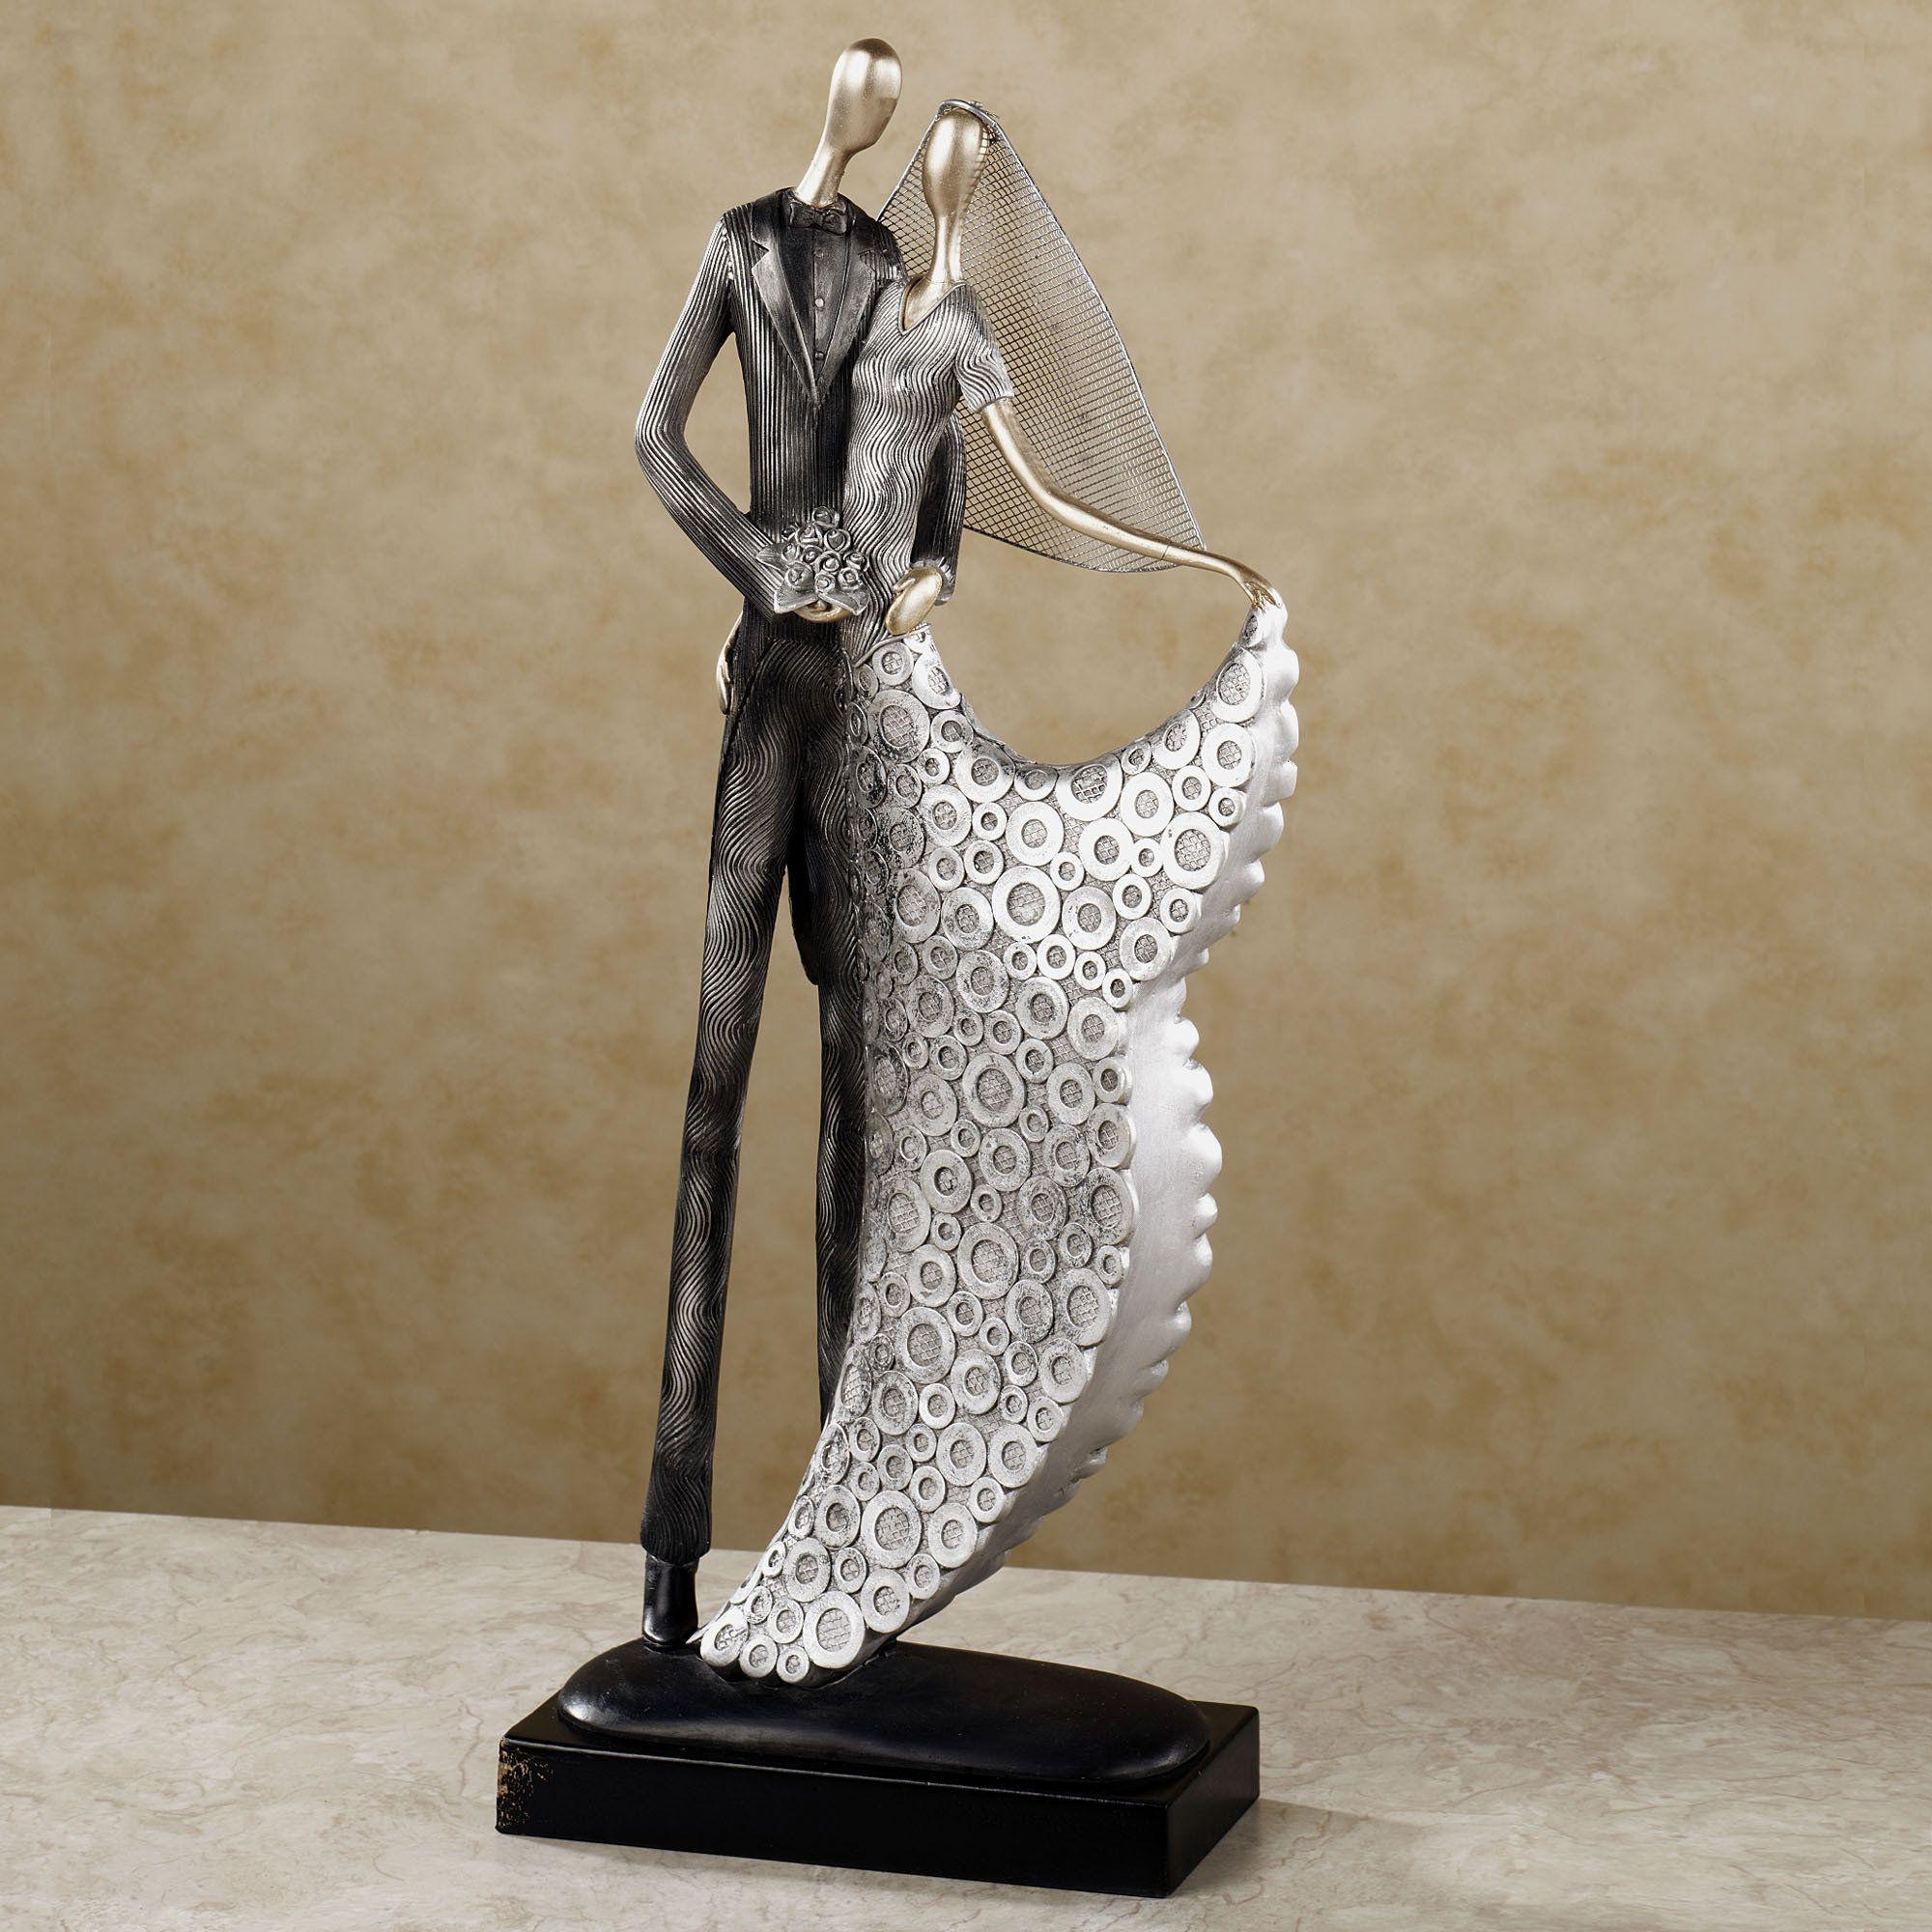 Wedding gift sculptures